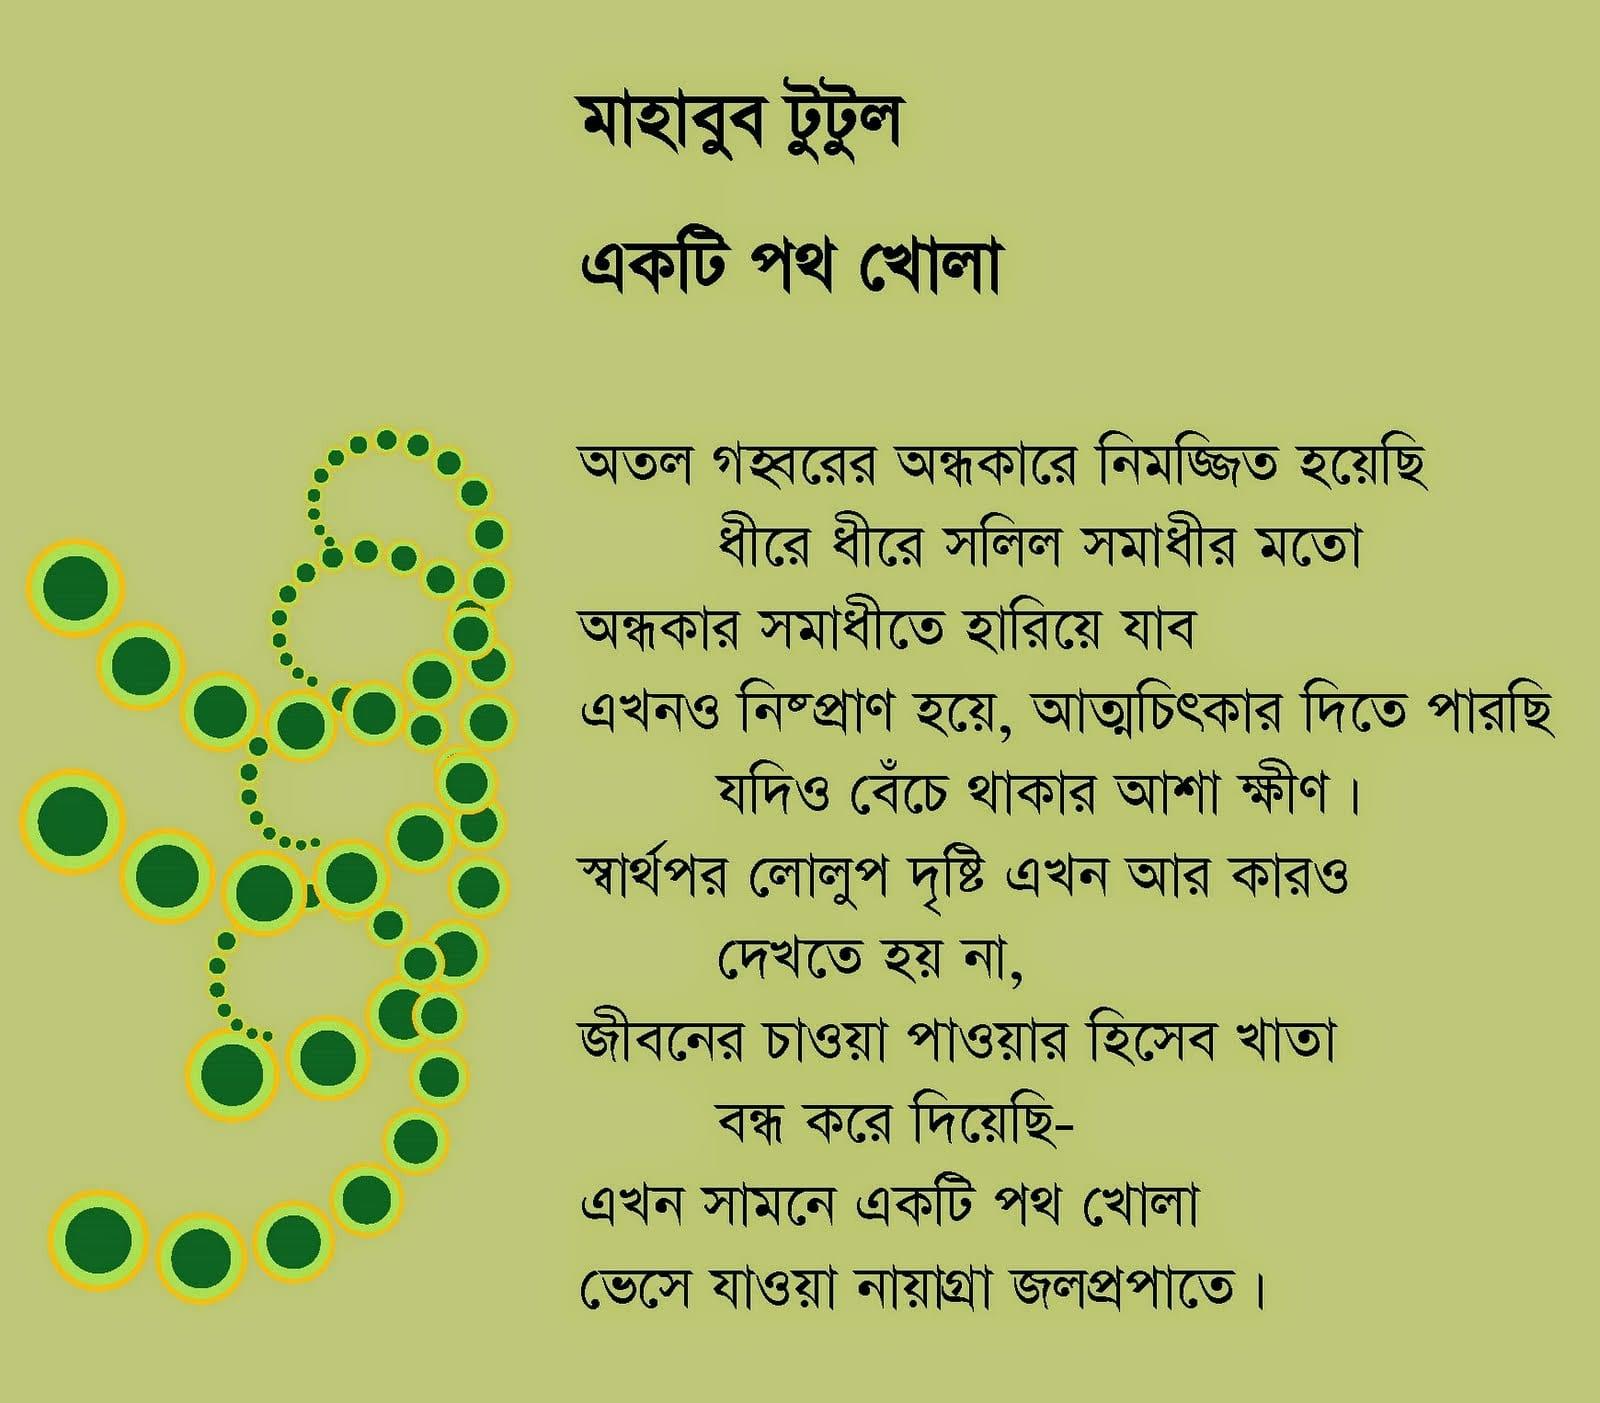 Bangla Lekha Image